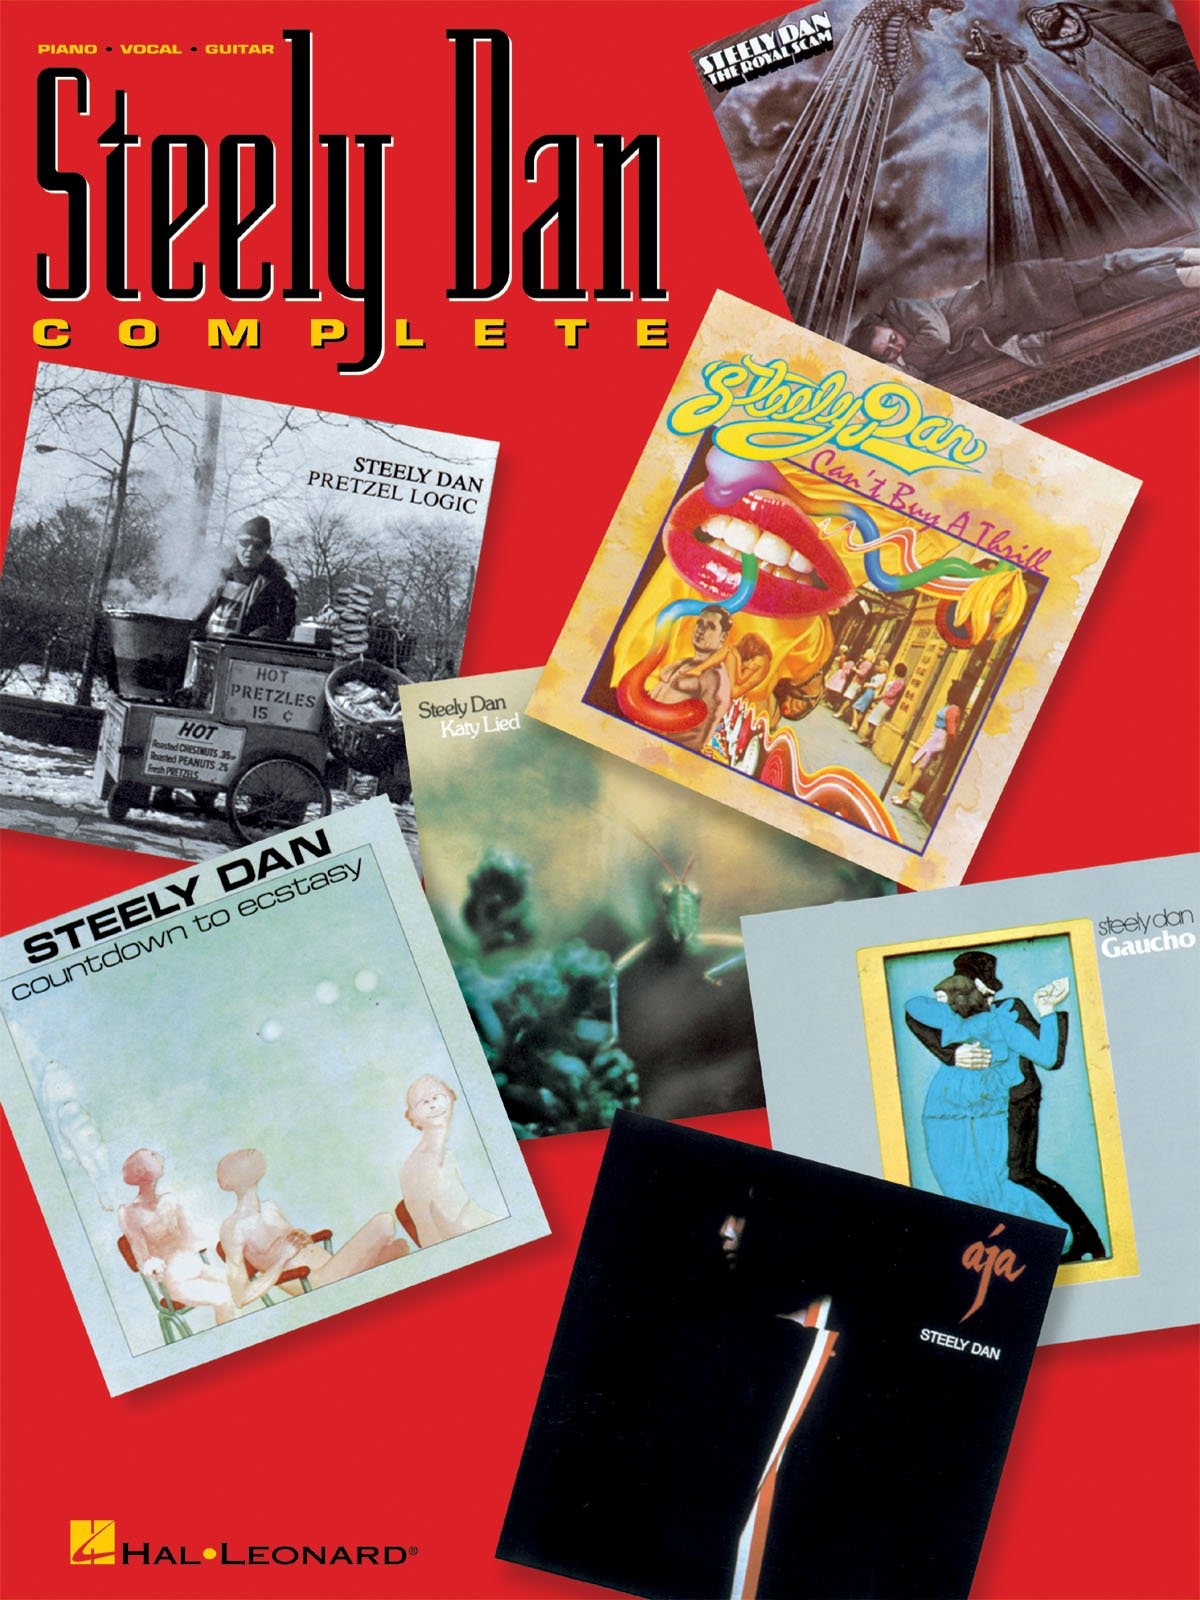 Steely dan complete pianovocalguitar artist songbook amazon steely dan complete pianovocalguitar artist songbook amazon books hexwebz Images